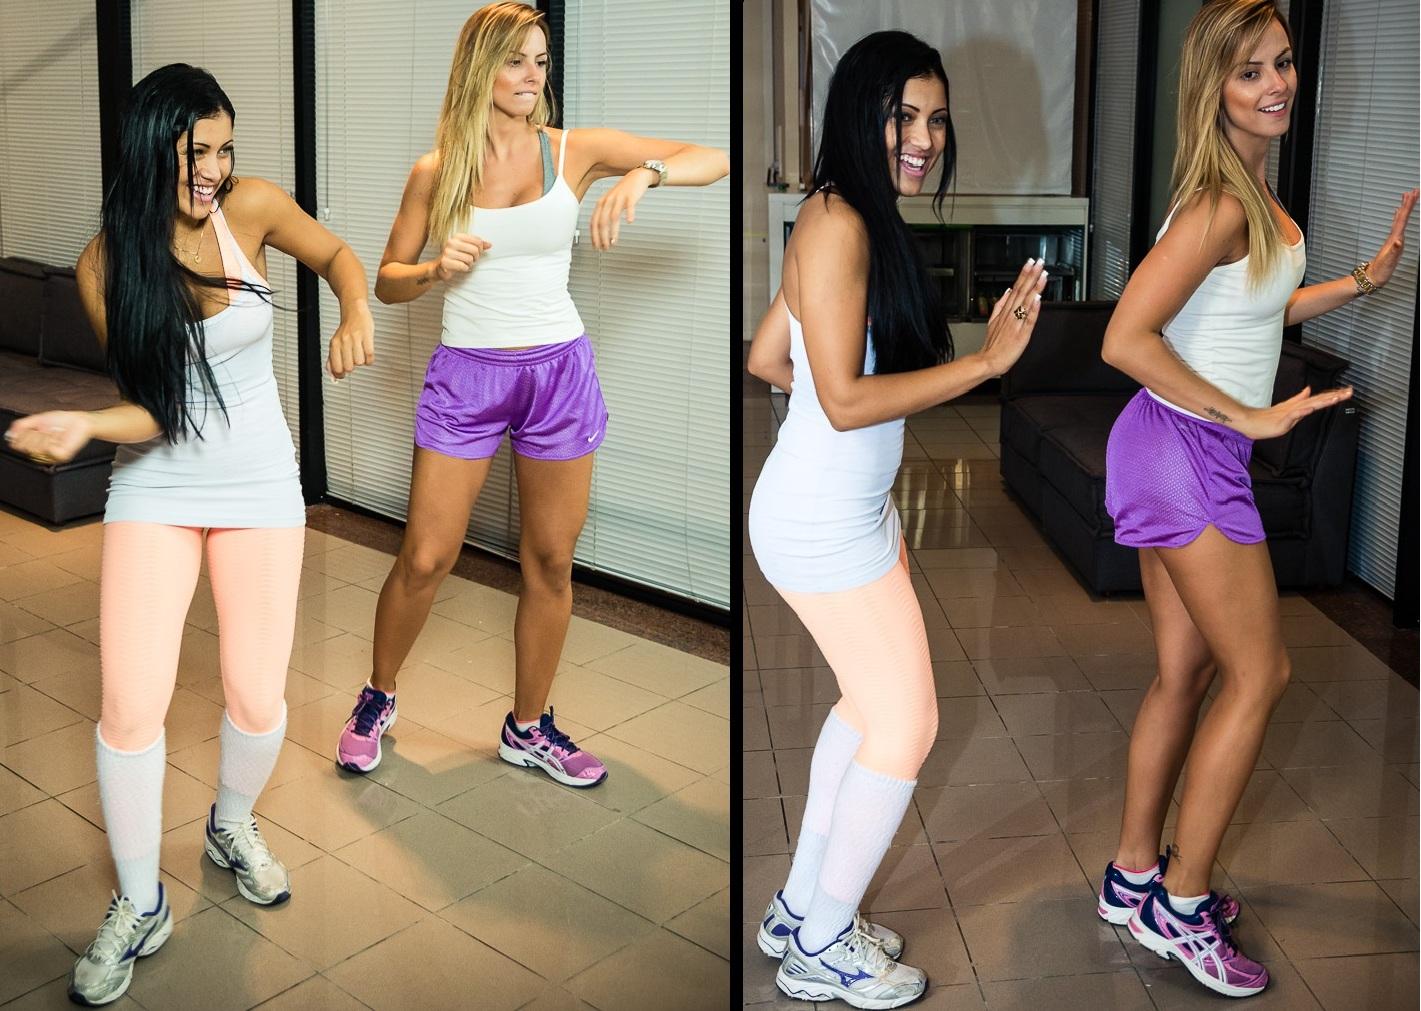 Kamilla Covas e Karen Kounrouzan testam games de dança Dance Central 3 e Just Dance 4 (Foto: Reprodução/Bruno Alves)